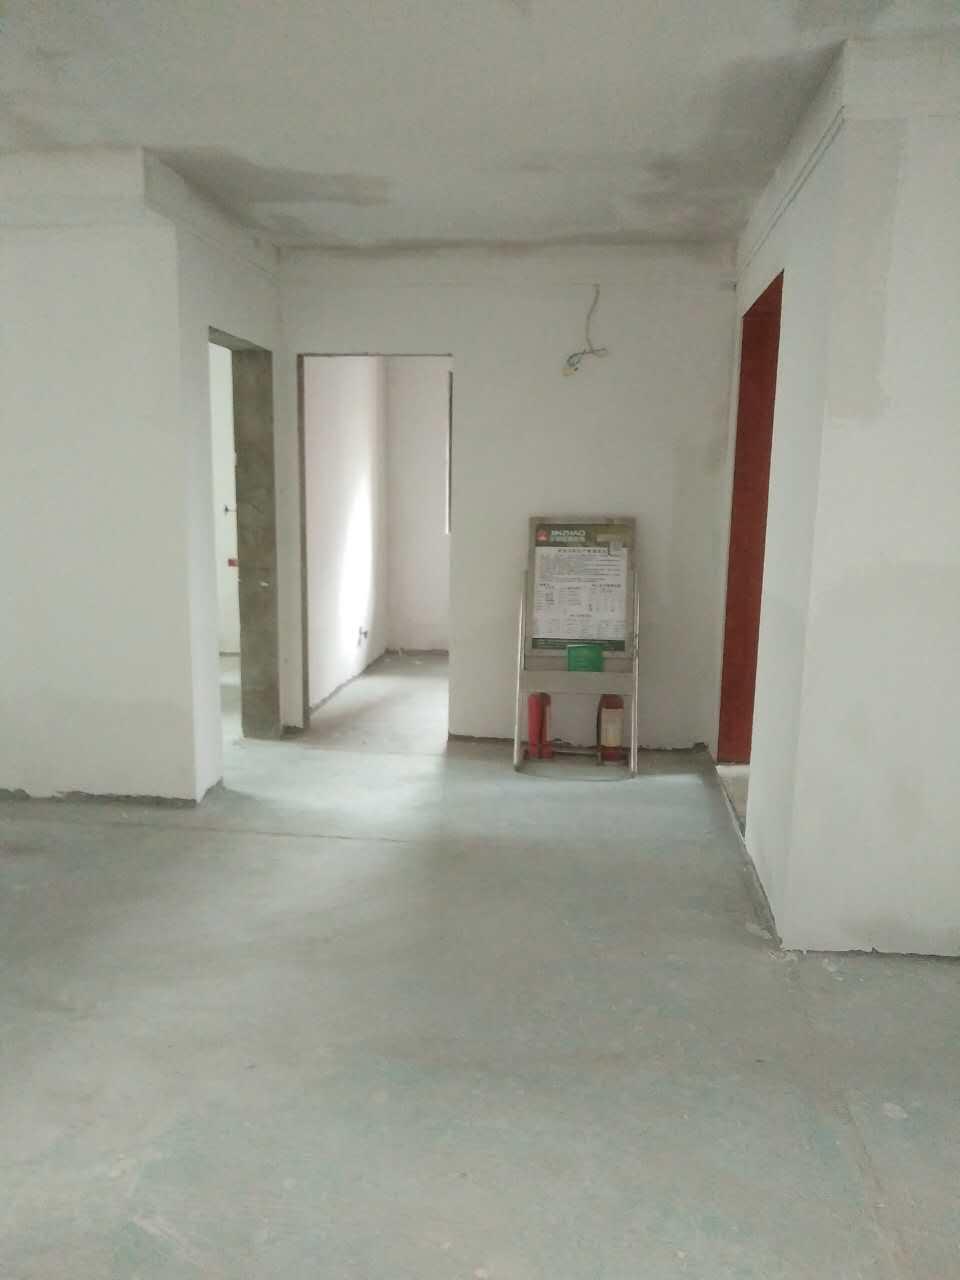 滨湖新区东方蓝海三室两厅先生的新家